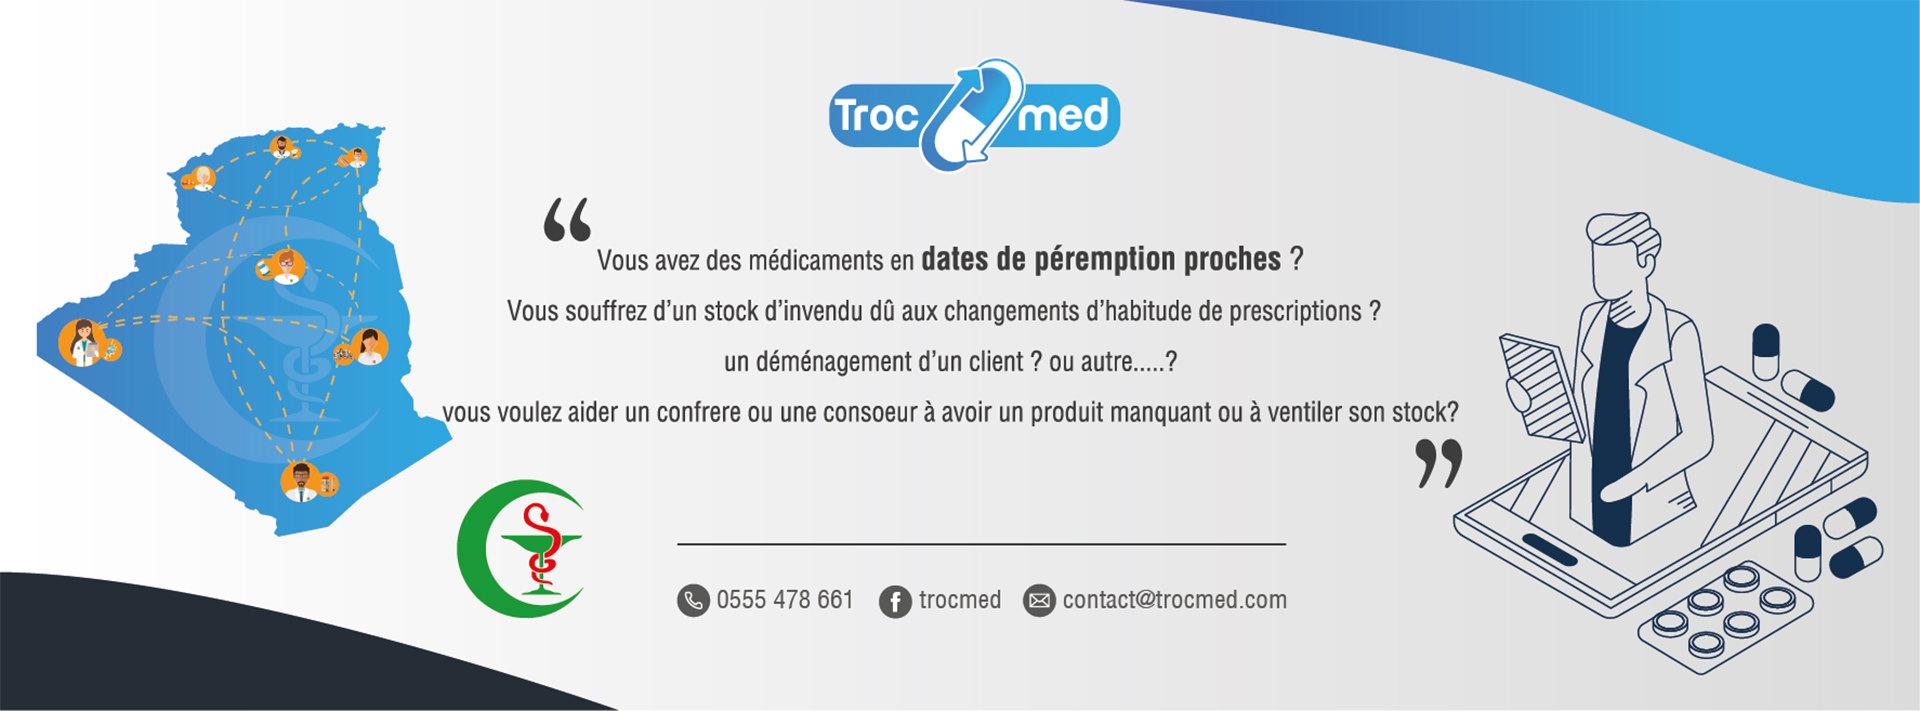 trocmed plate-forme d'échange de médicament entre pharmaciens en Algérie